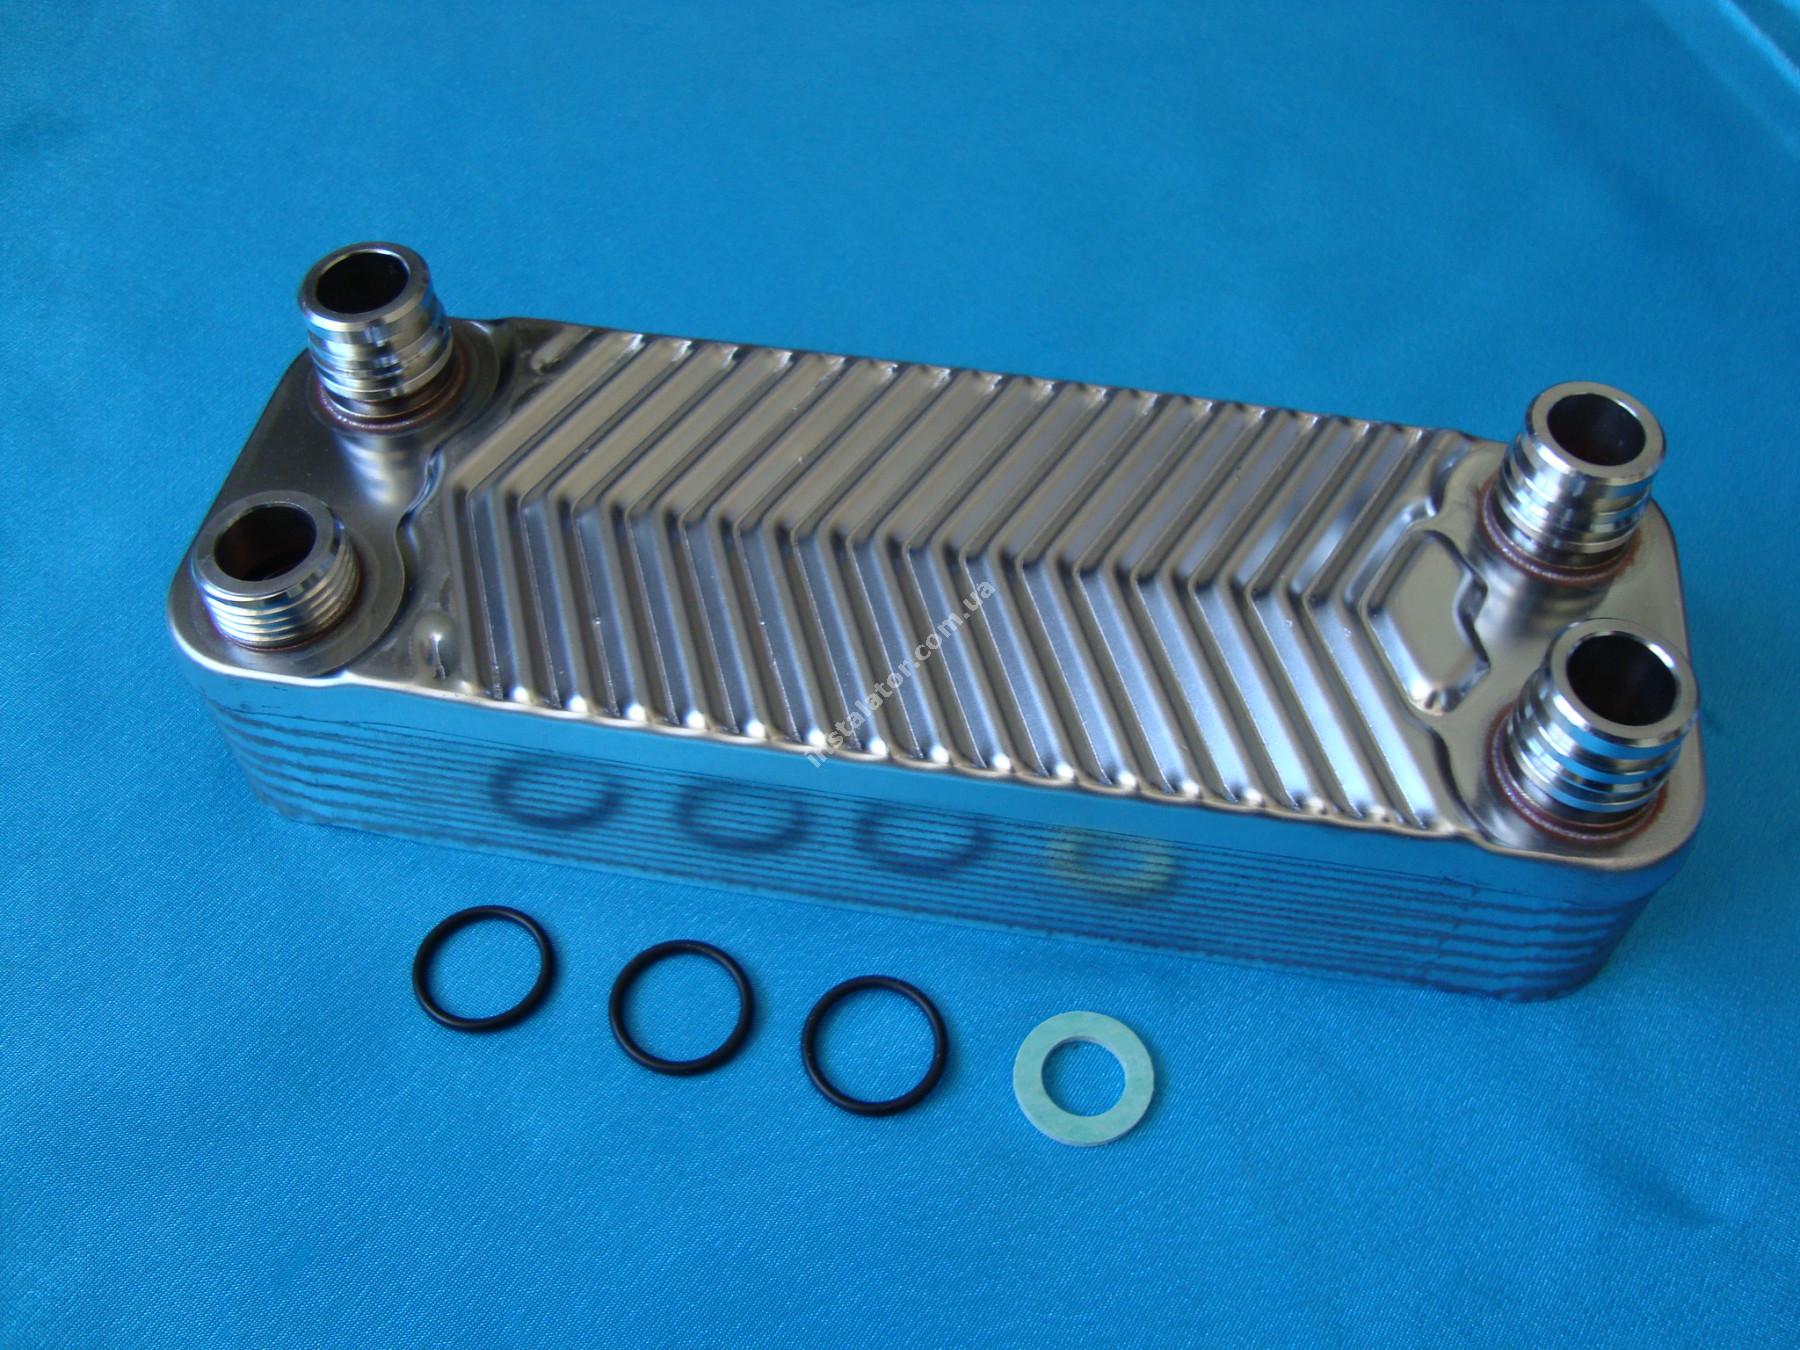 065088 (0020073794) Теплообмінник вторинний  Vaillant TURBOmax, ATMOmax  Plus full-image-1